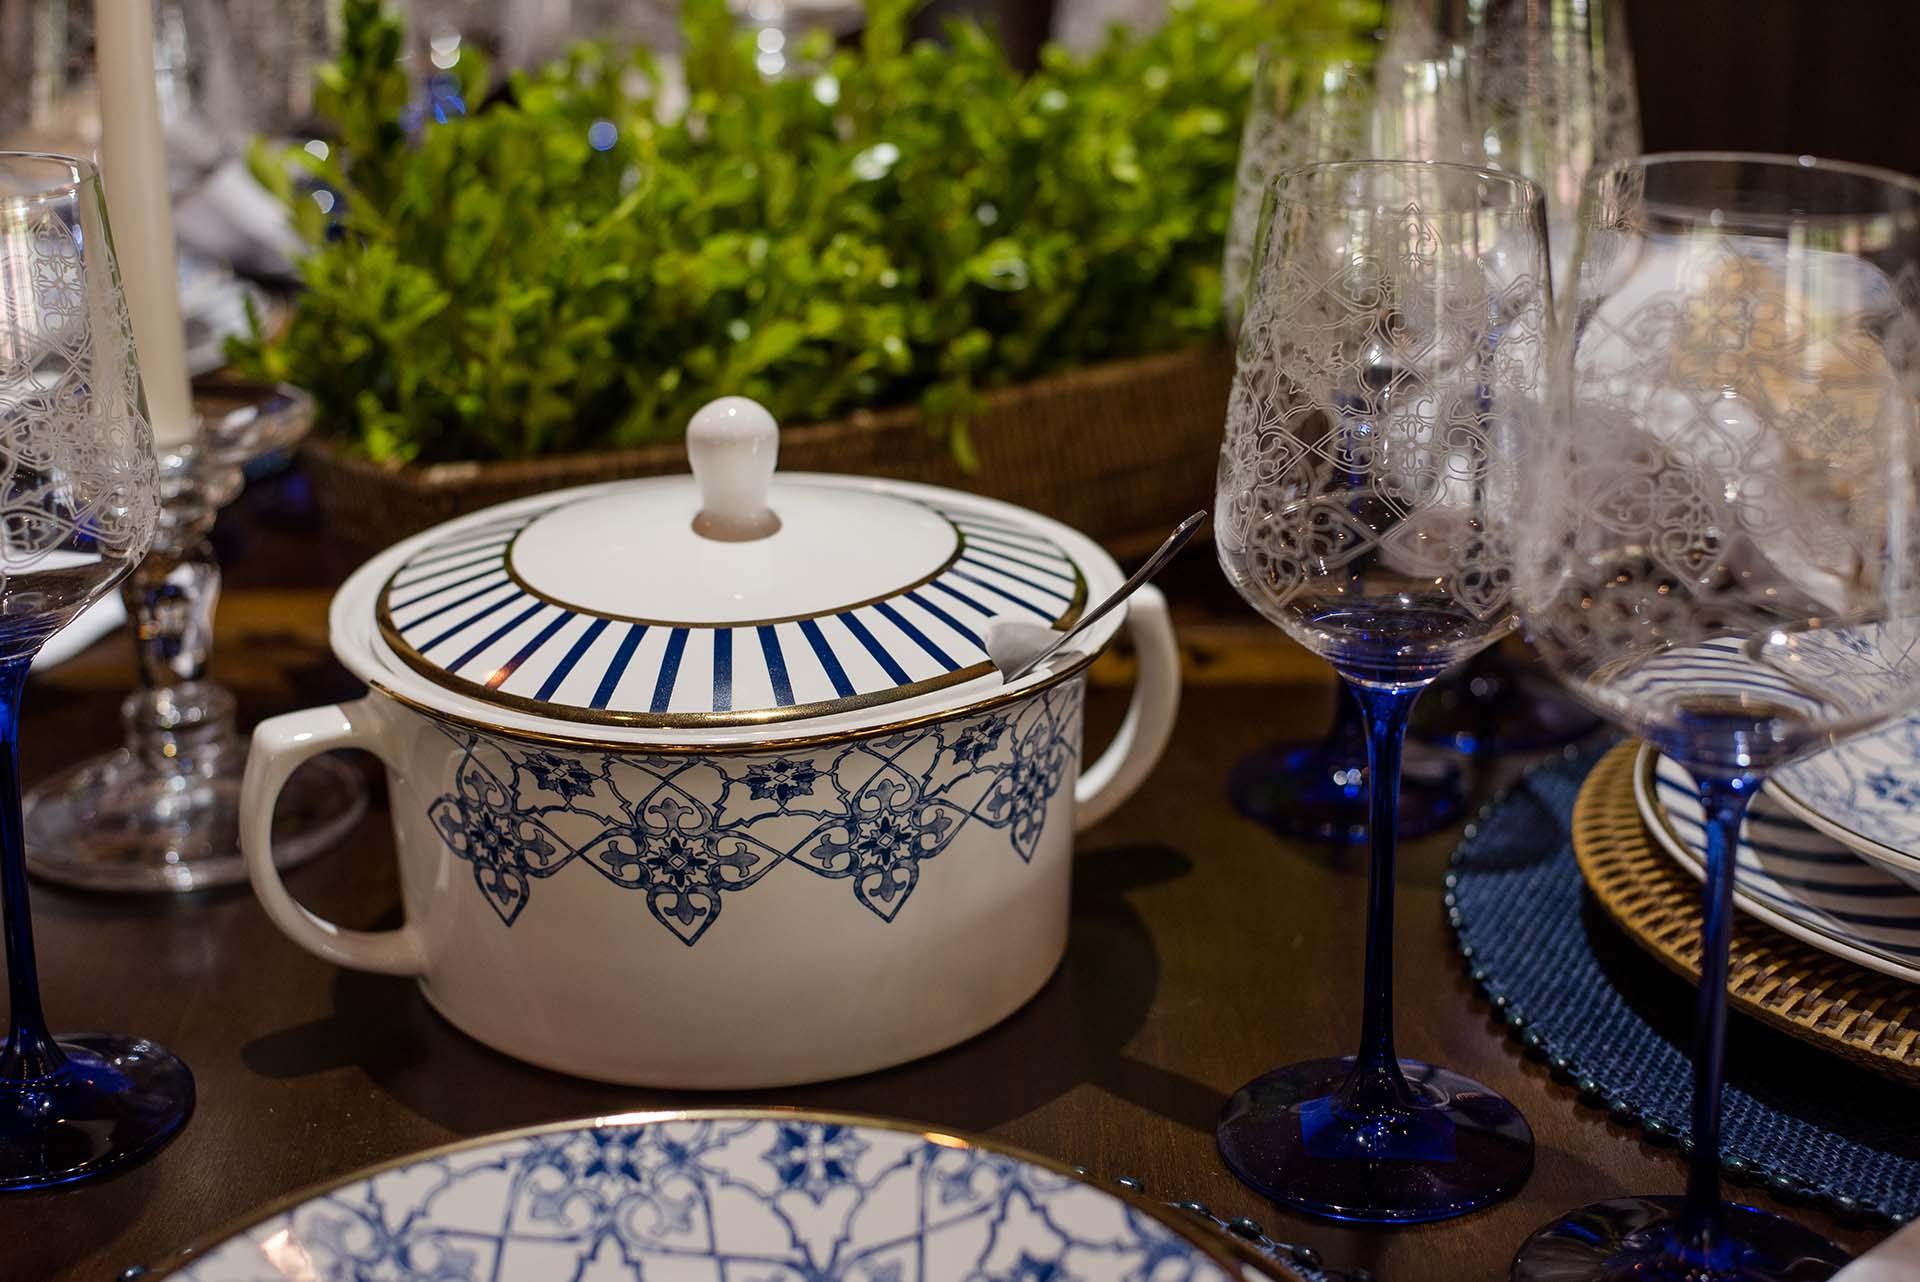 Texto: Detalhes que fazem a diferença! Sopeira e taças da Oxford, decoração Lusitana. Foto: Karla Rudnick.